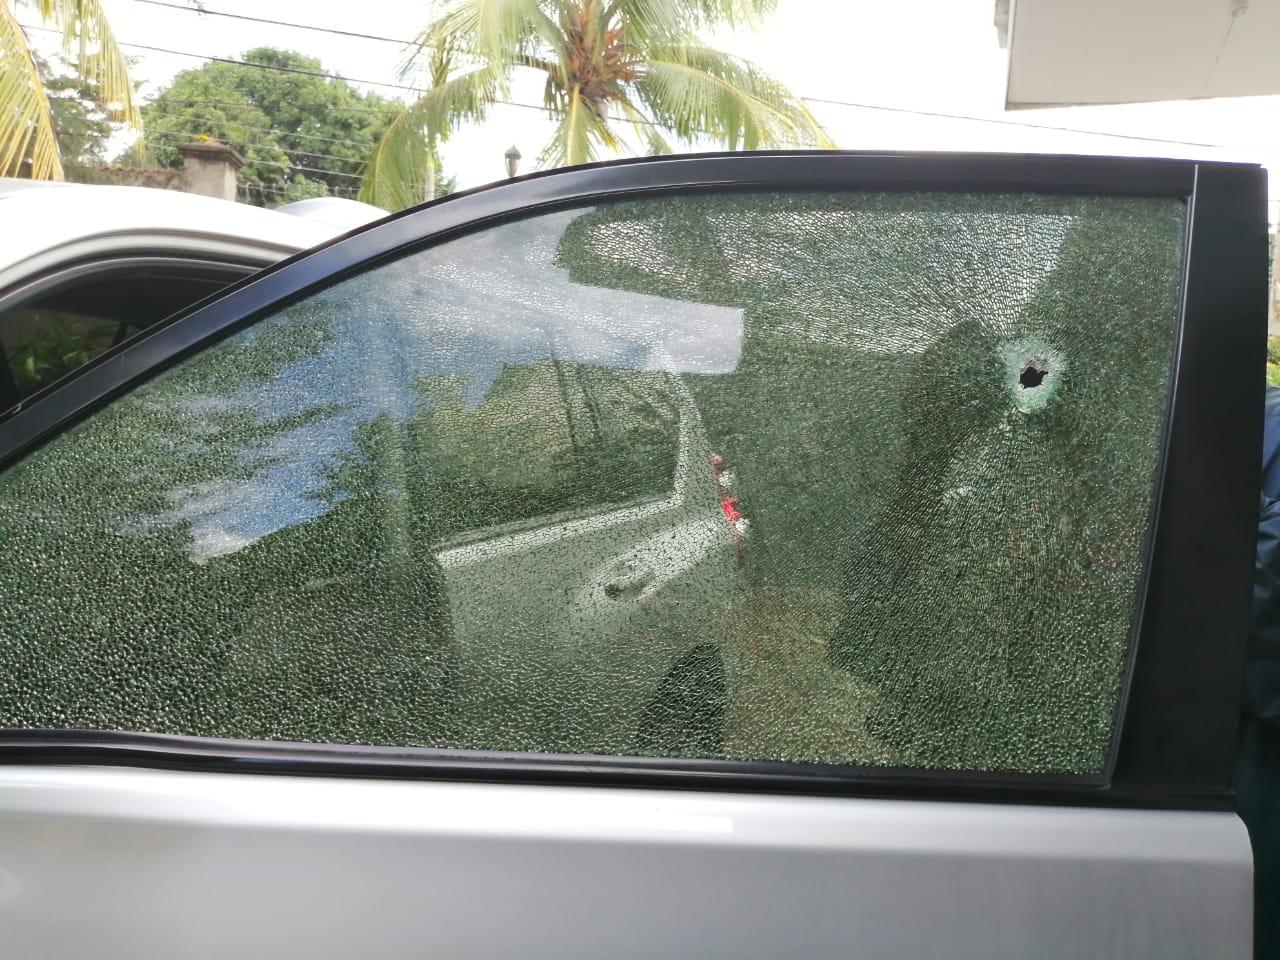 Así quedó la camioneta en que viajaban los empresarios a León tras el ataque de las turbas. Foto: Noel Pérez/Artículo 66